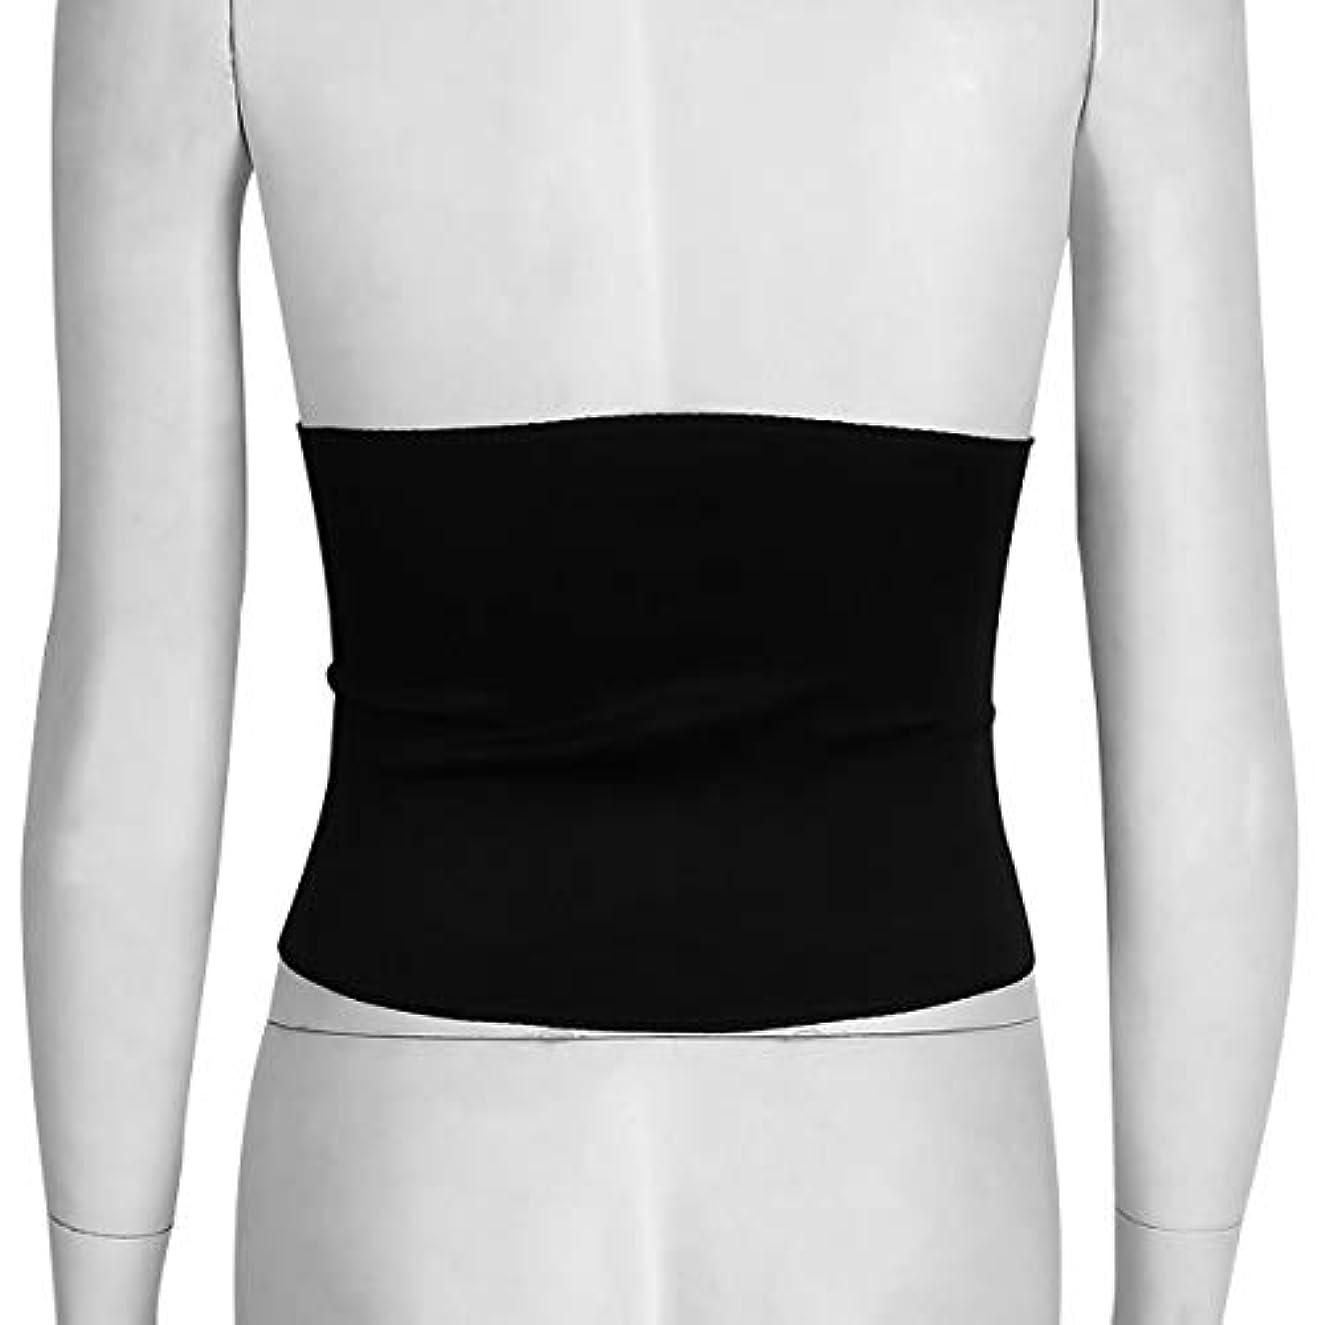 金属拘束取り付けWomen Adult Solid Neoprene Healthy Slimming Weight Loss Waist Belts Body Shaper Slimming Trainer Trimmer Corsets